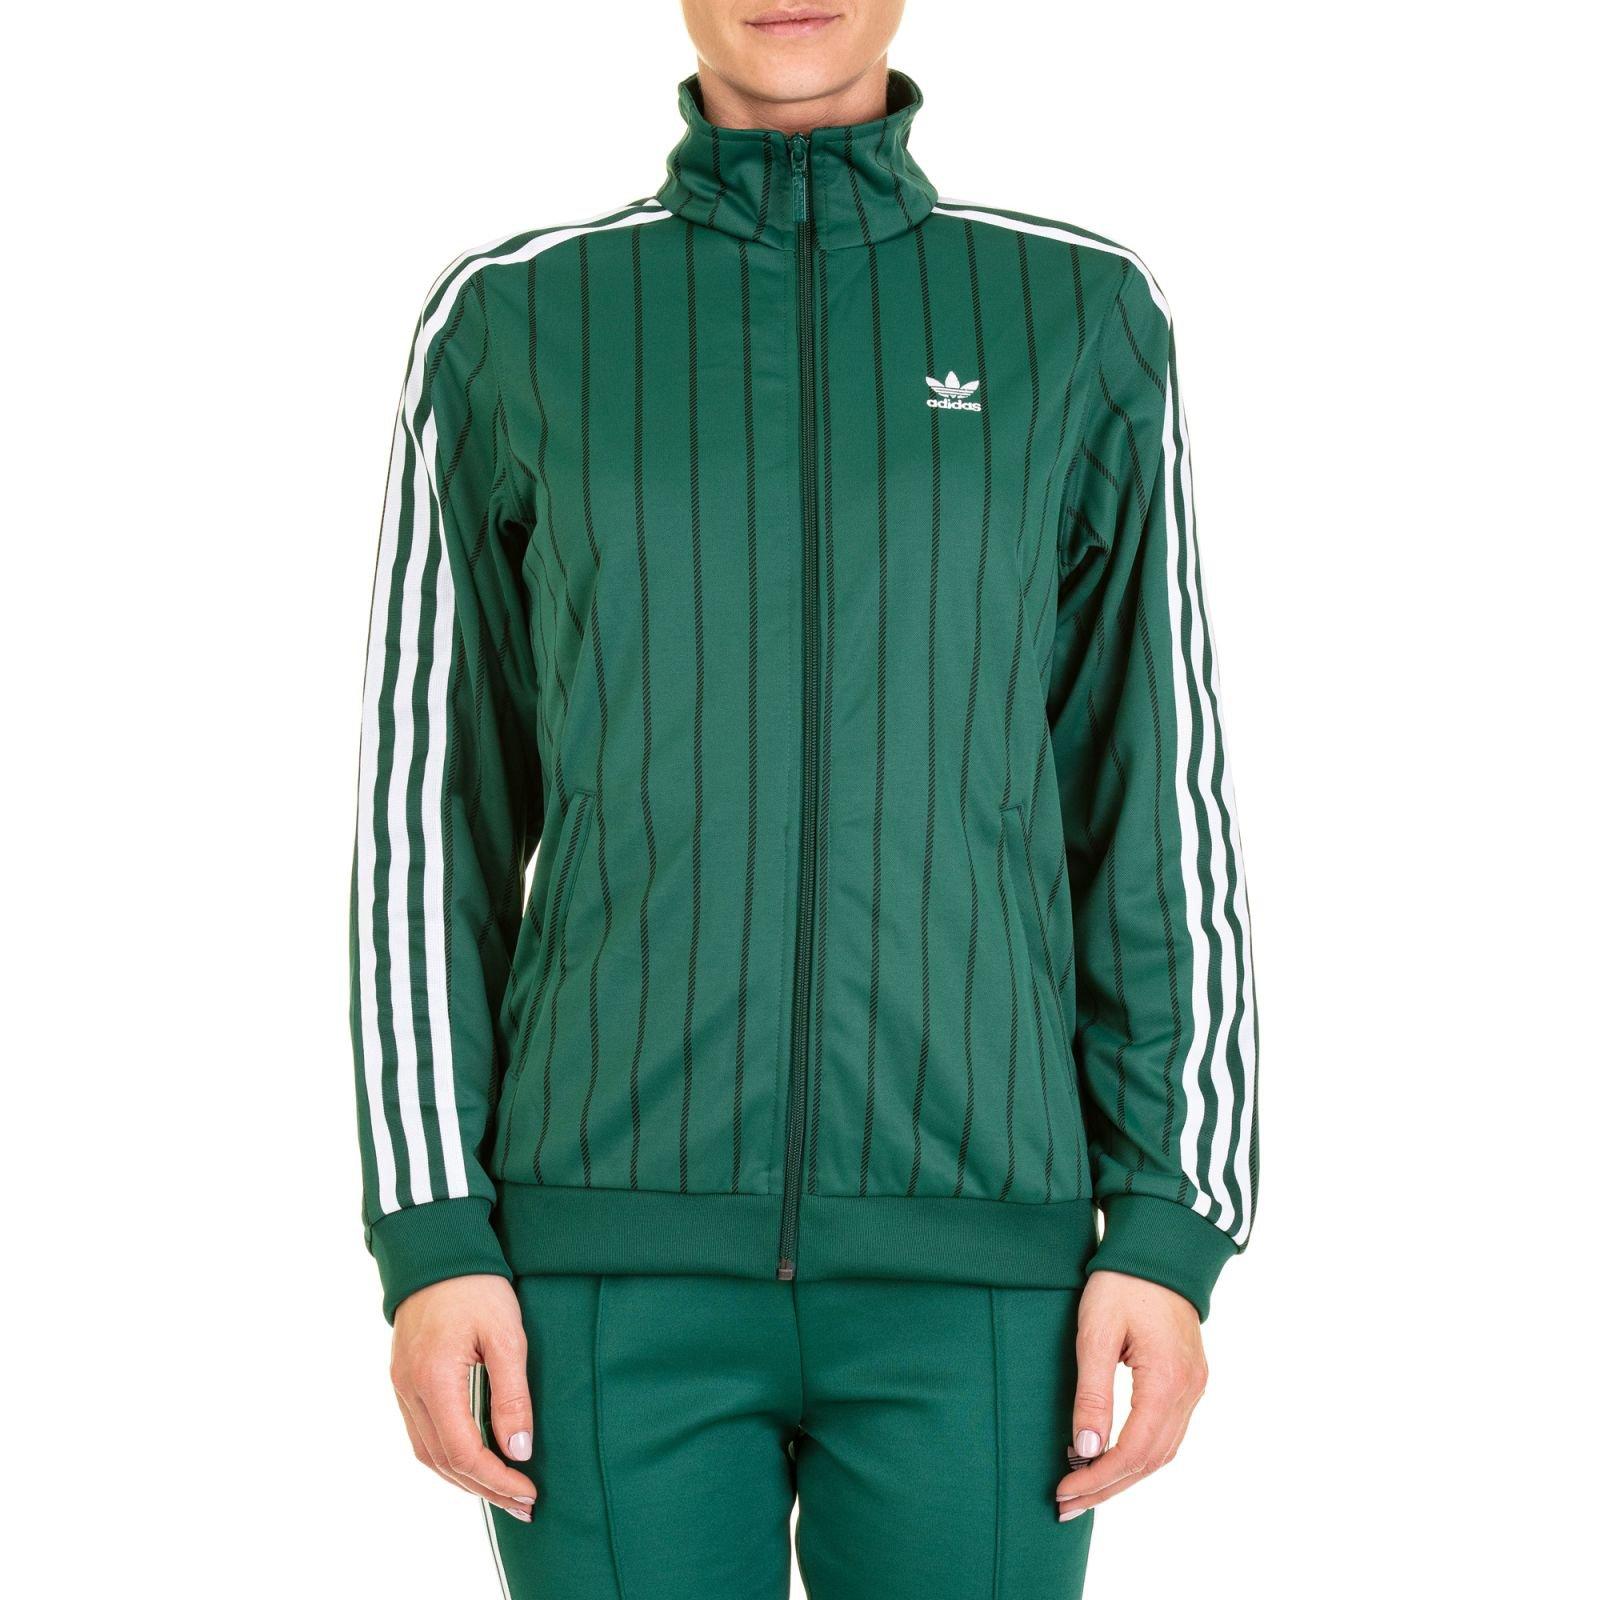 Adidas Adidas Sweatshirt